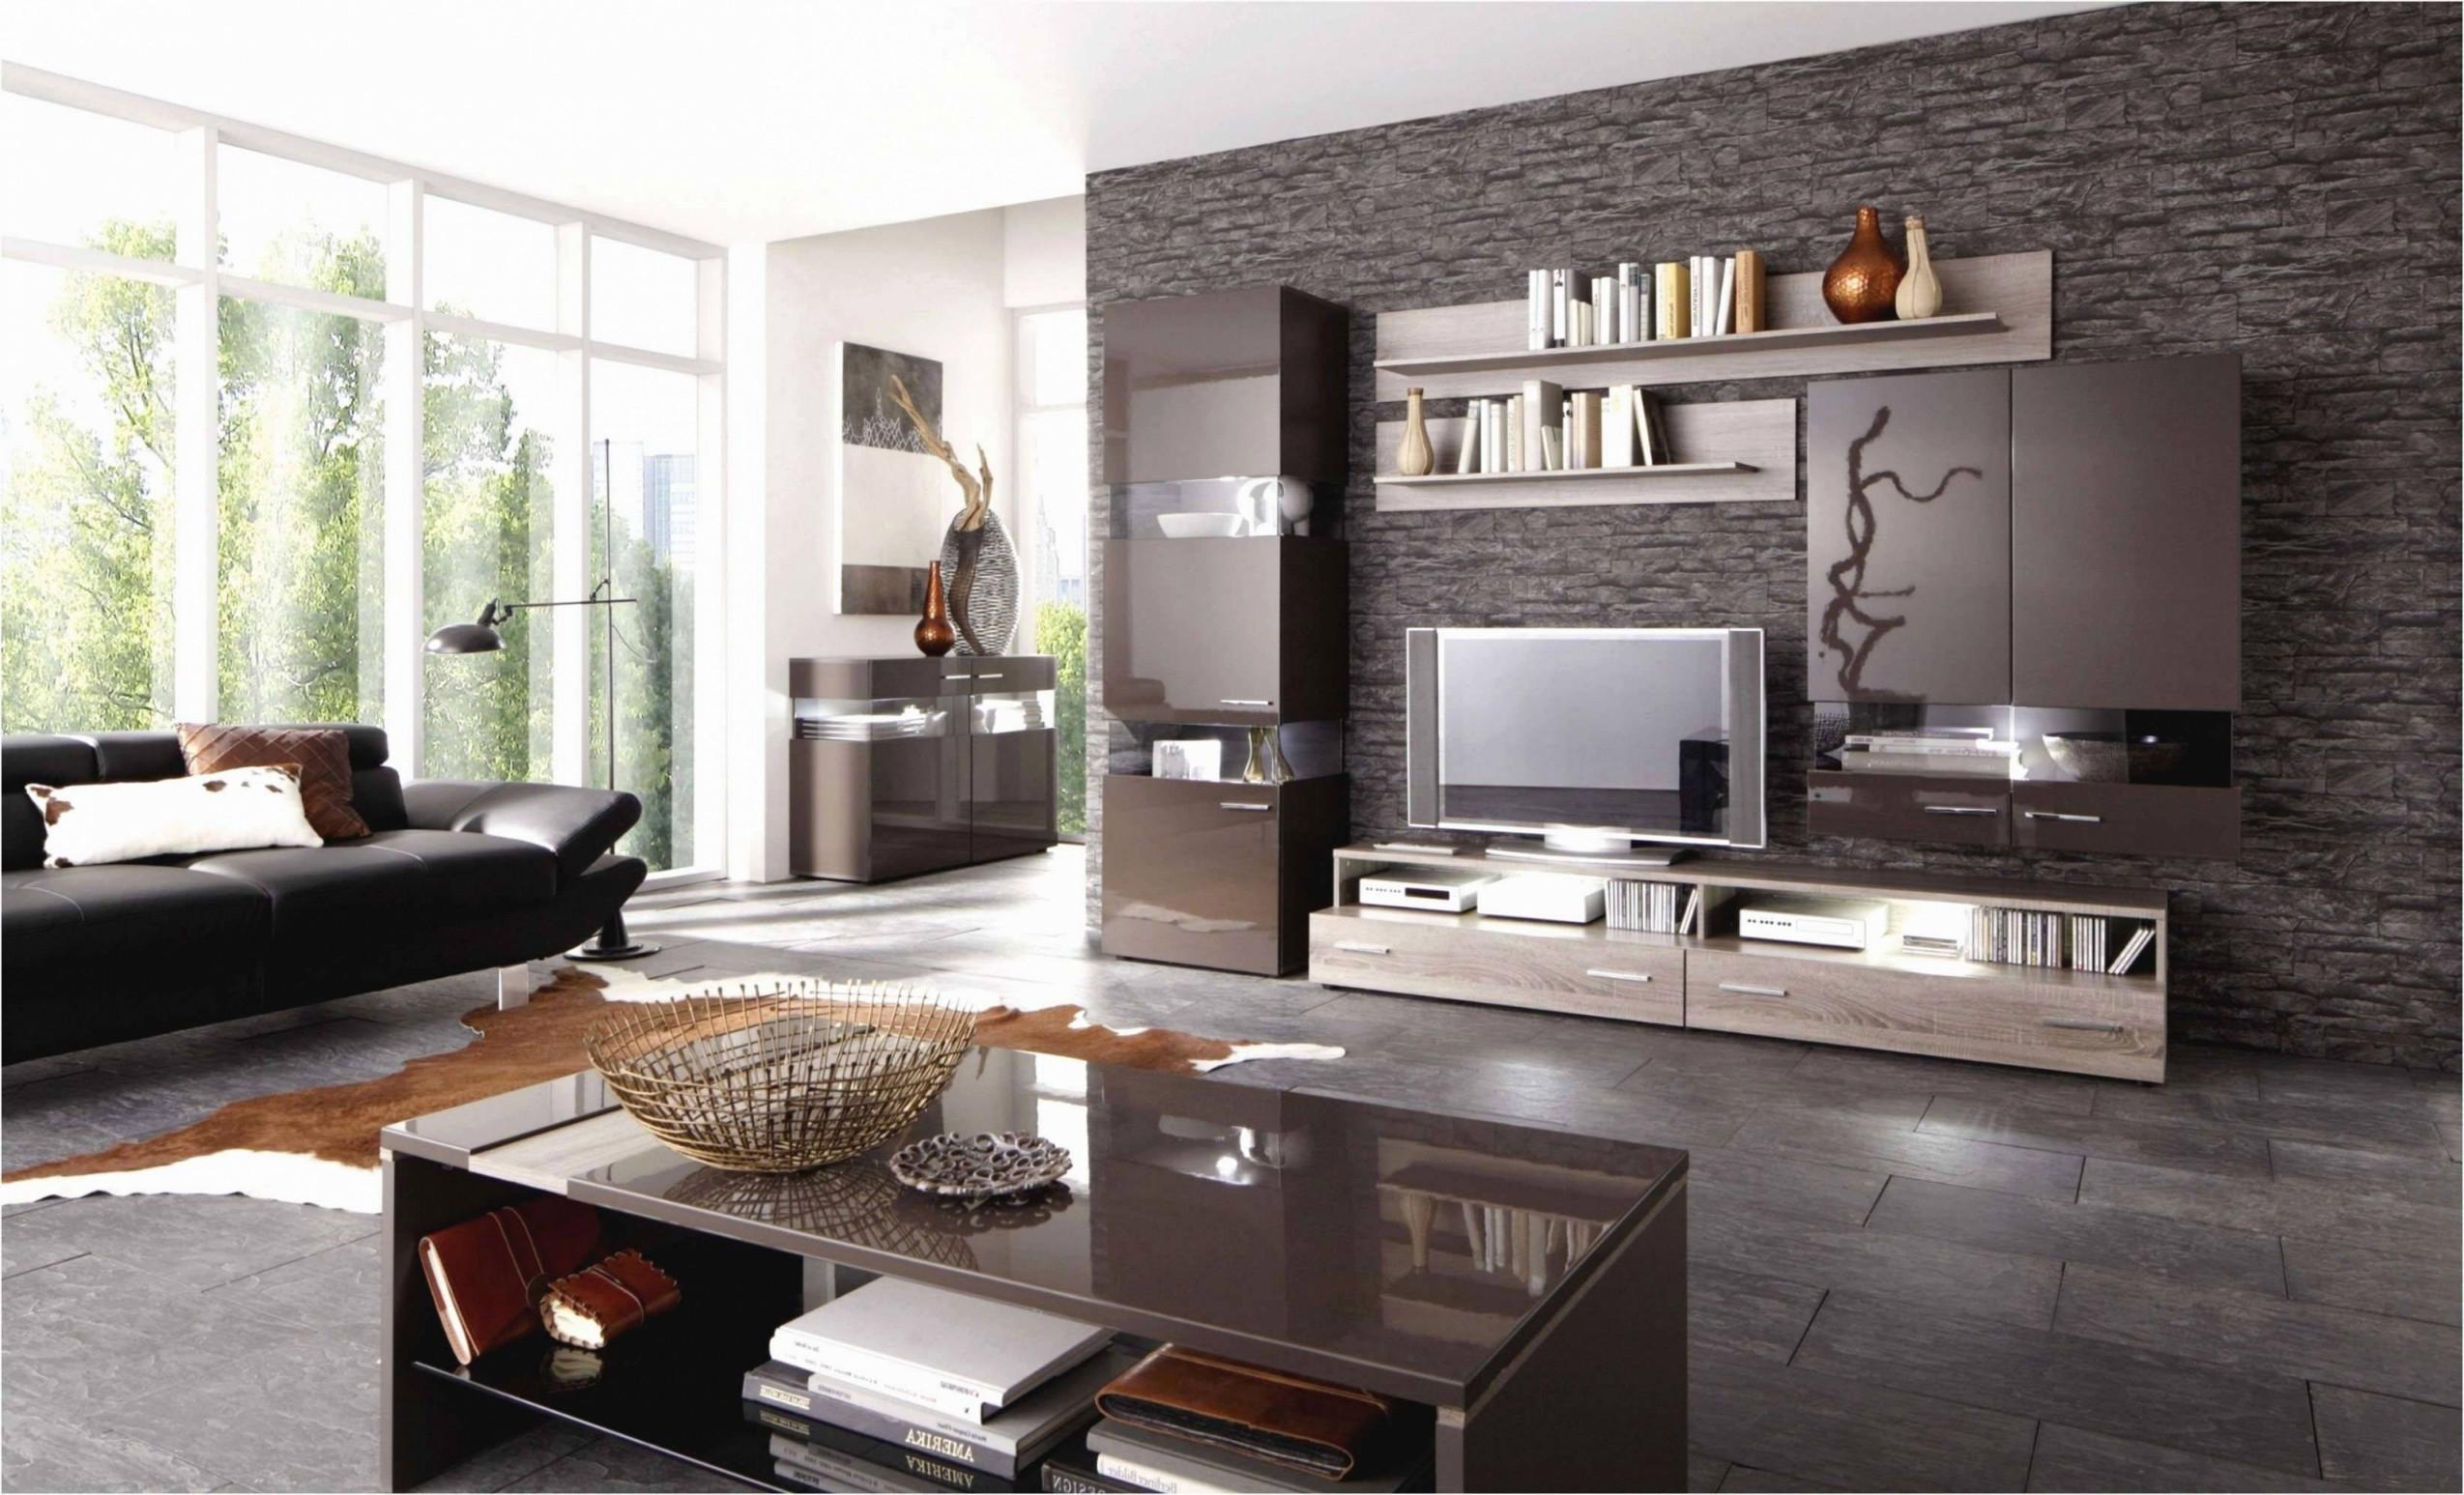 Tapeten Wohnzimmer Ideen von Tapeten Wohnzimmer Ideen Bild